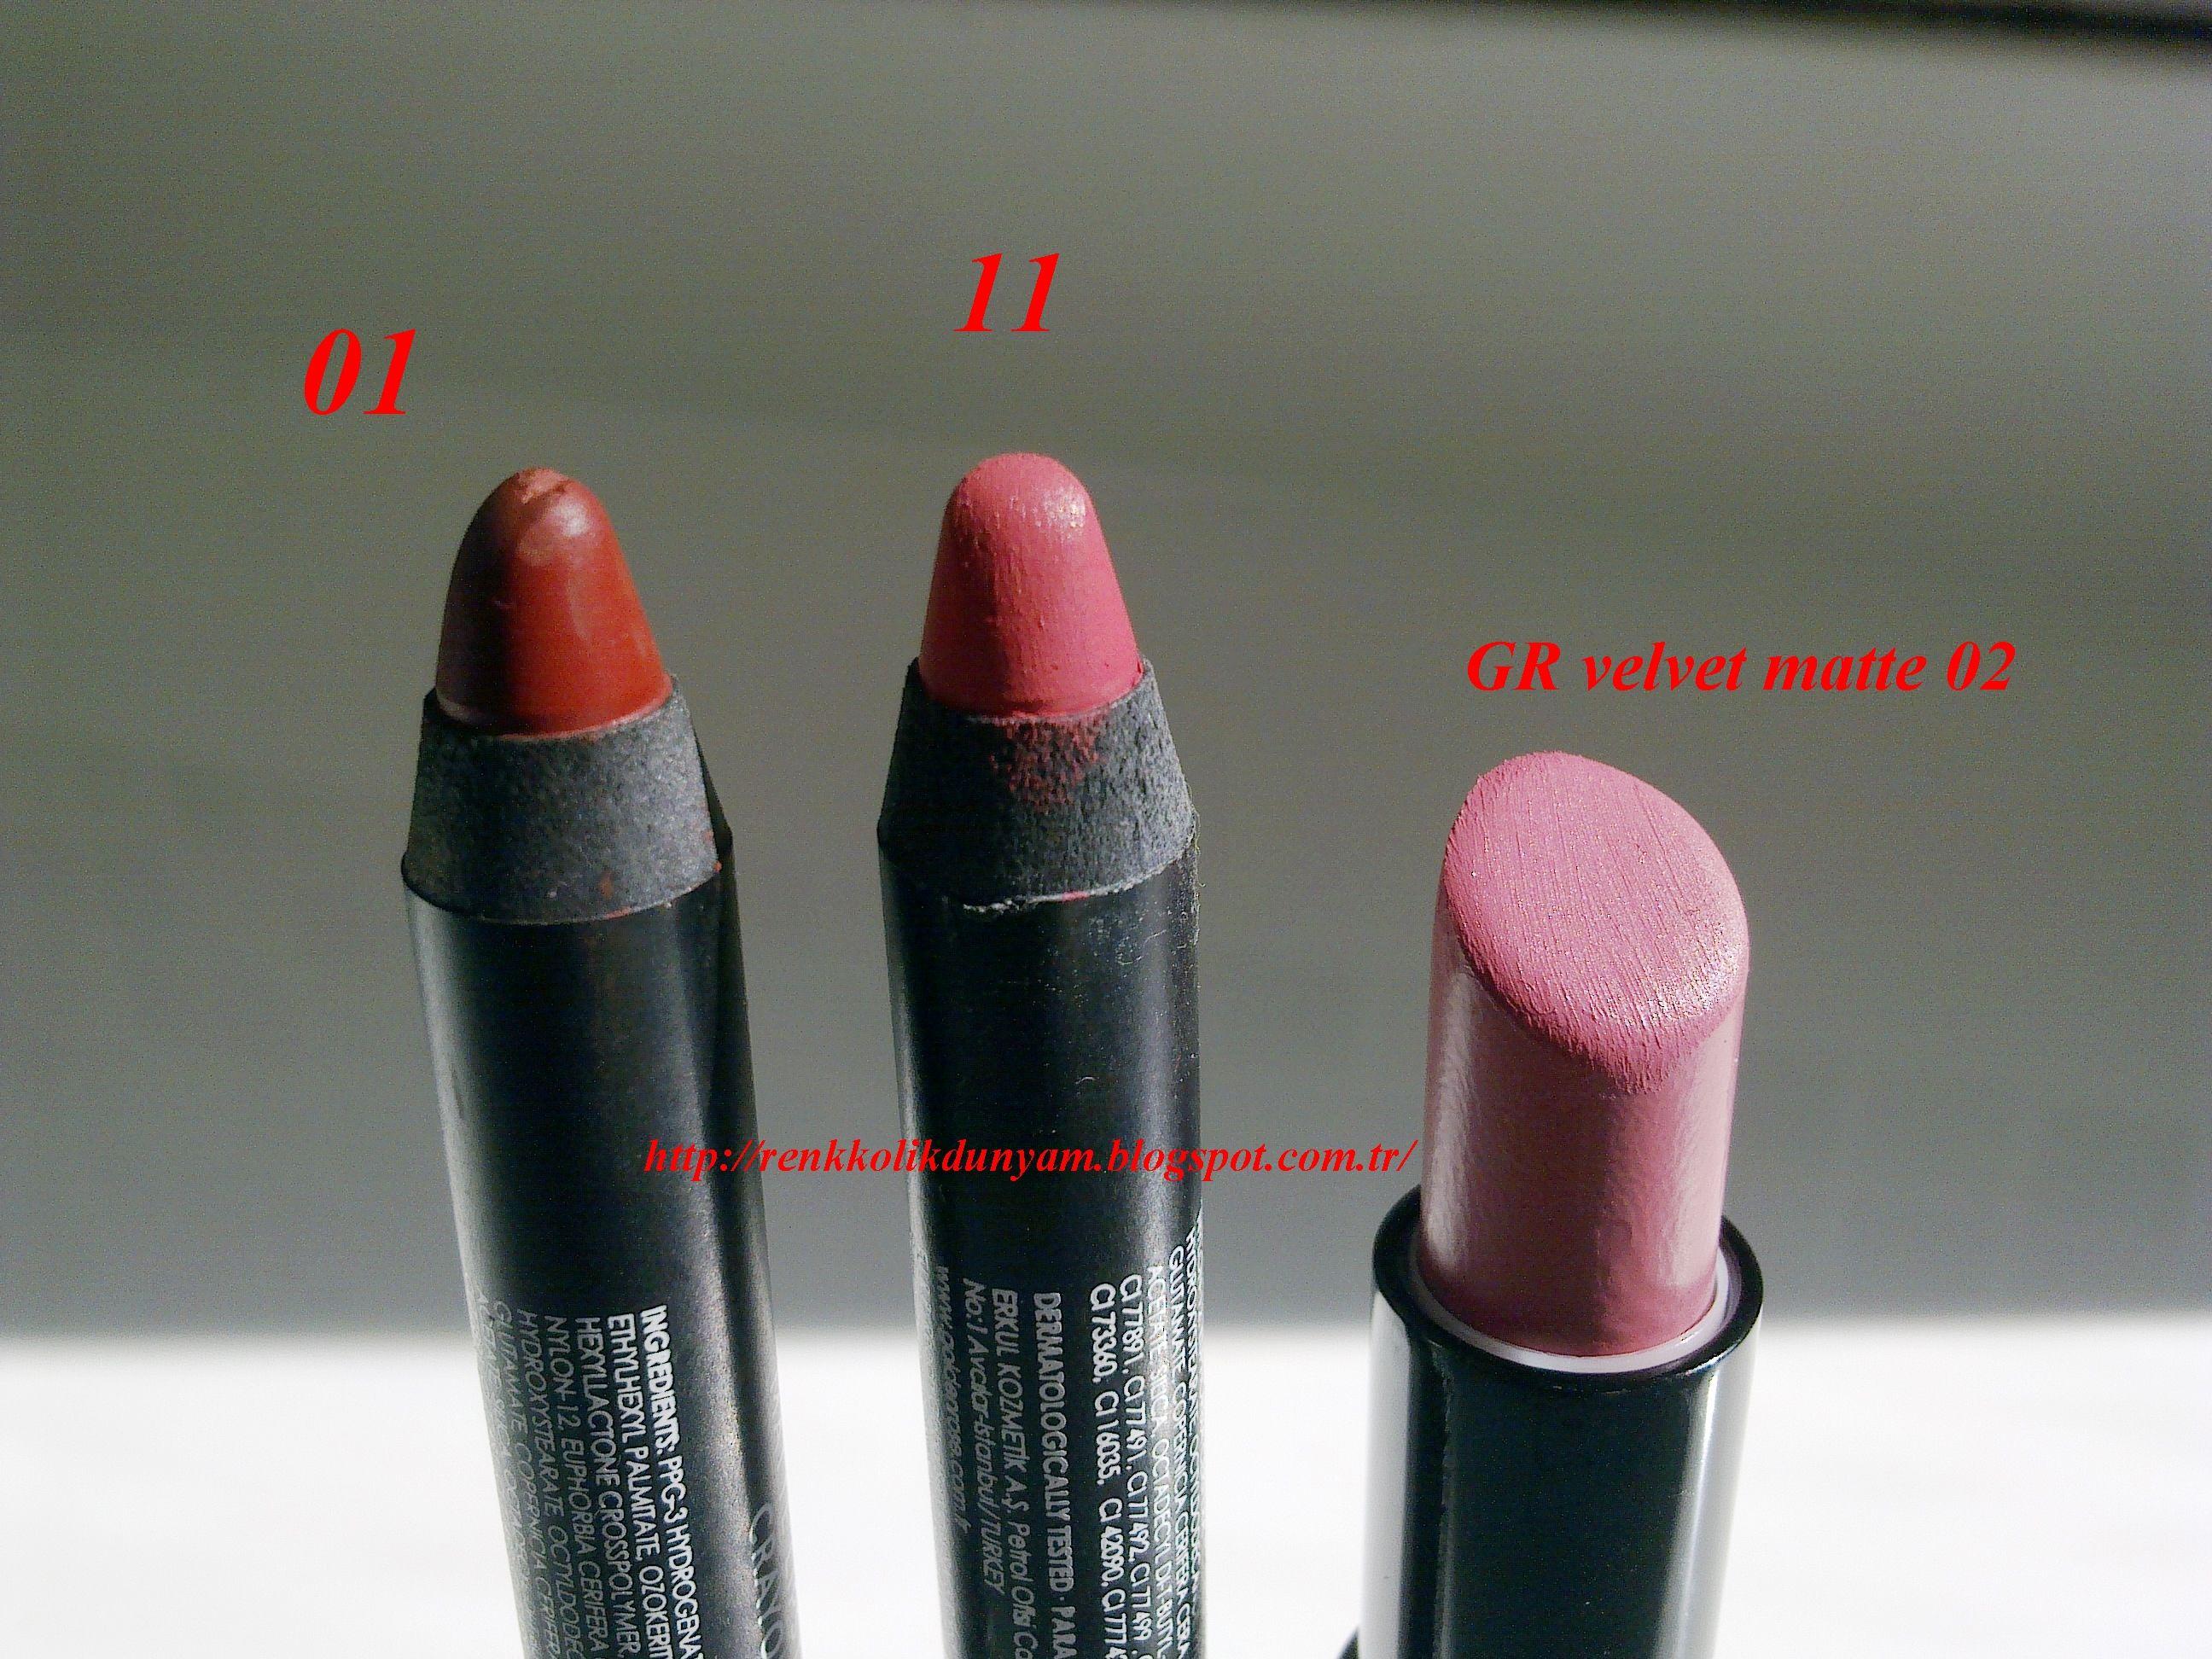 Goldenrose Matte Lipstick Crayon 01 11 Ve Golden Rose Velvet